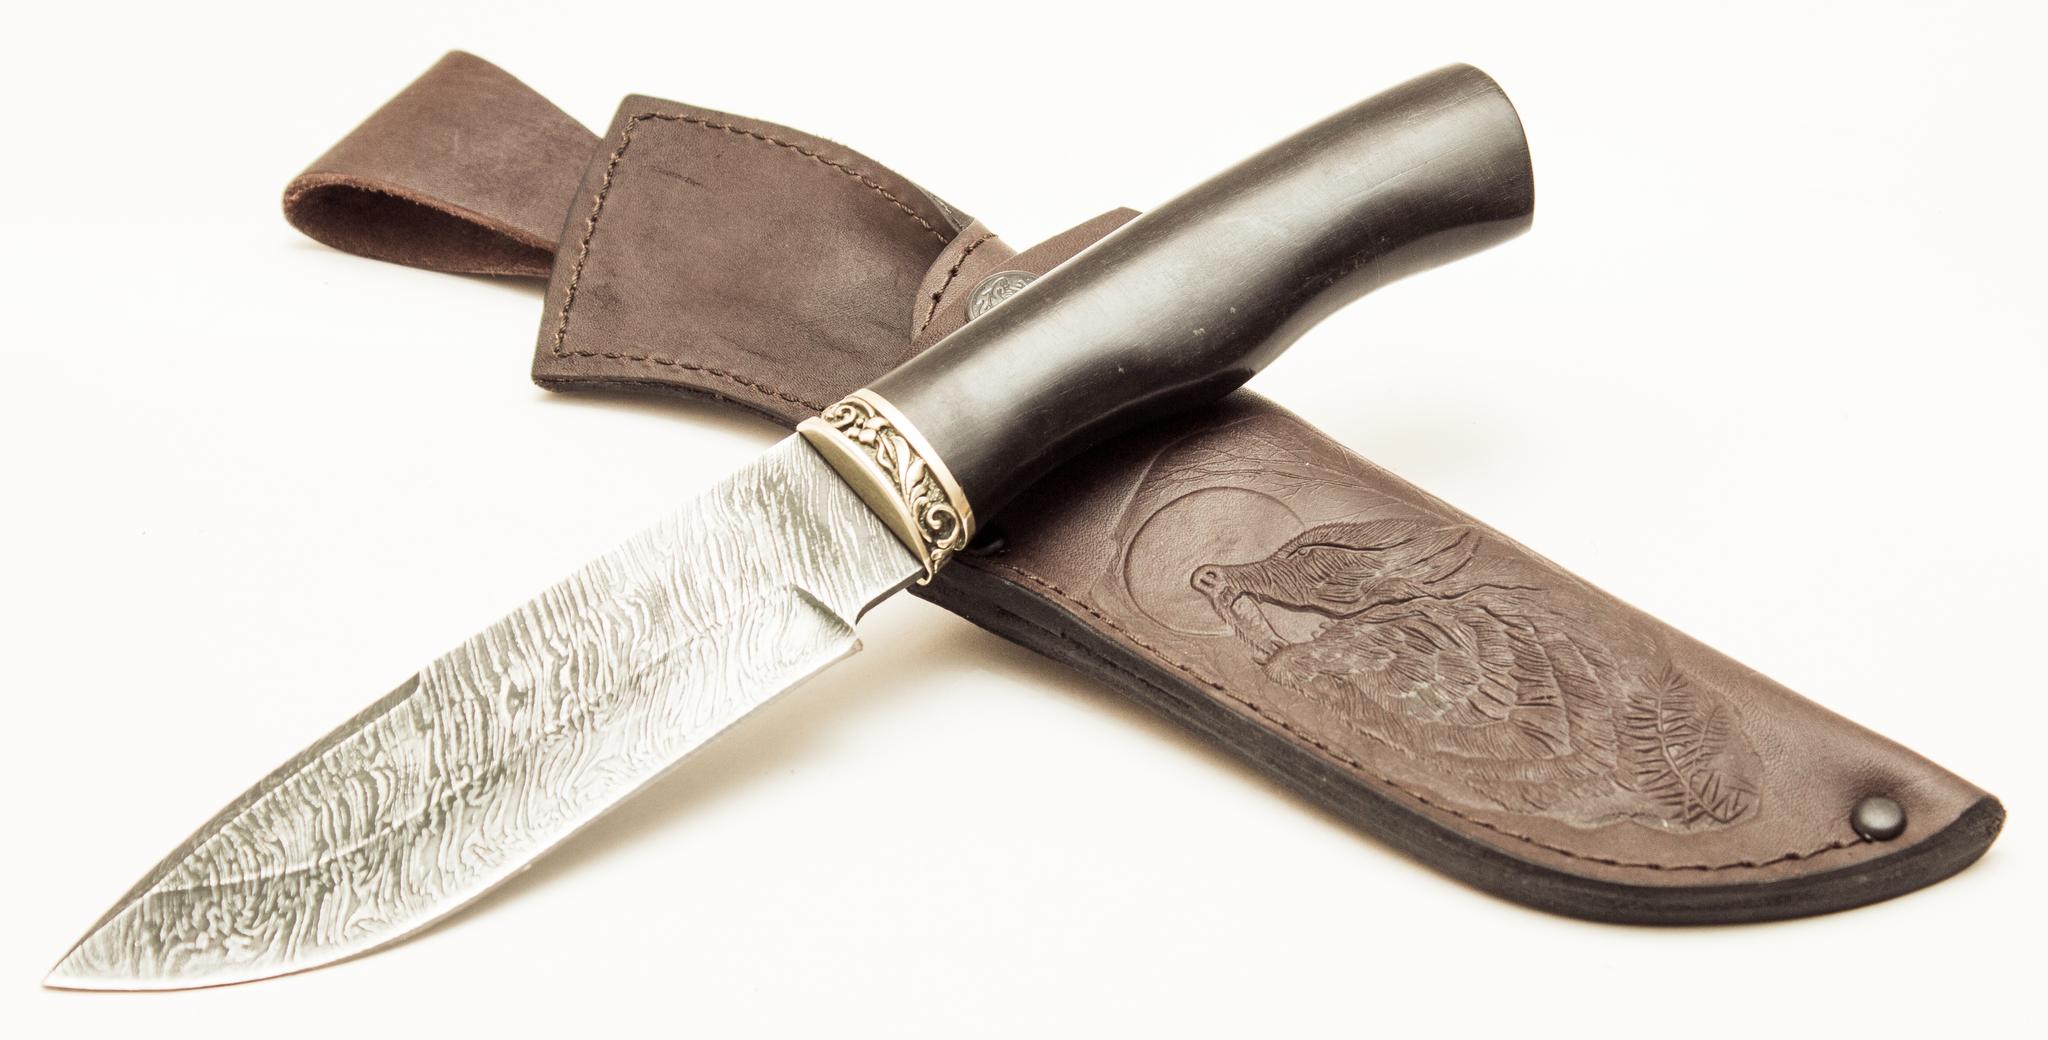 Фото 6 - Нож Бекзод, дамасская сталь от Павловские ножи